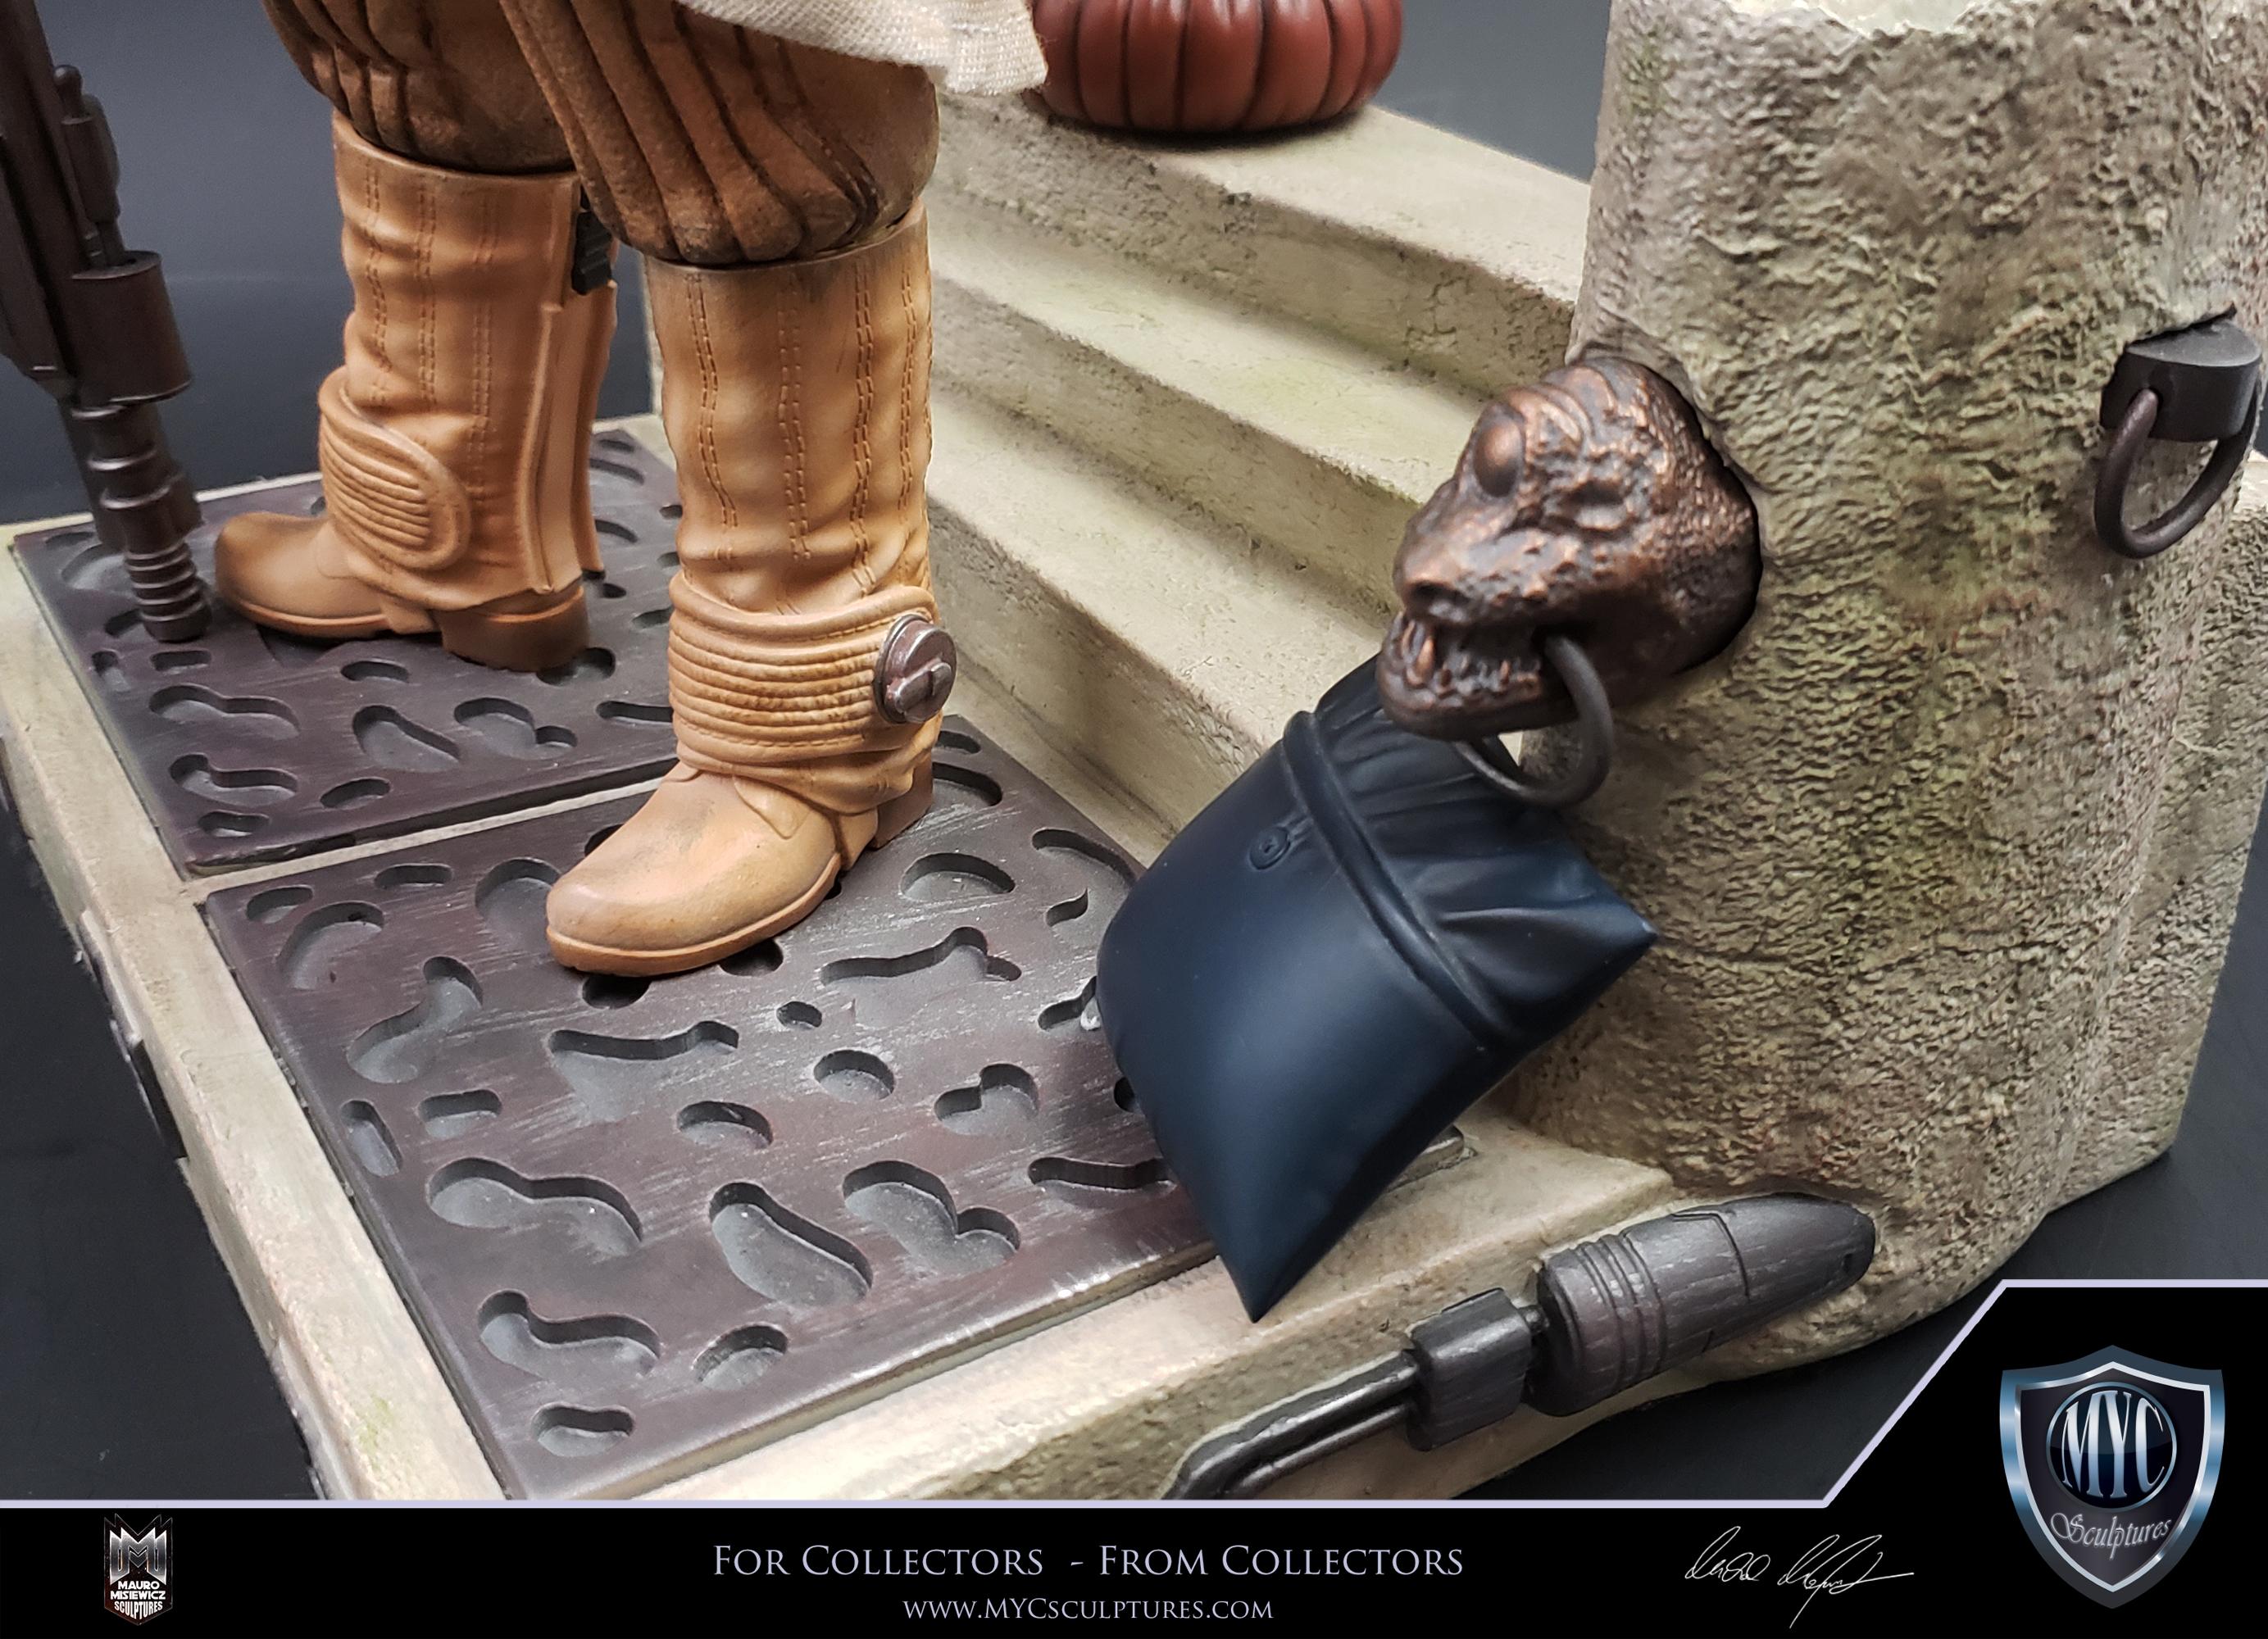 Boushh_Leia_MYC_Sculptures_Statue_23